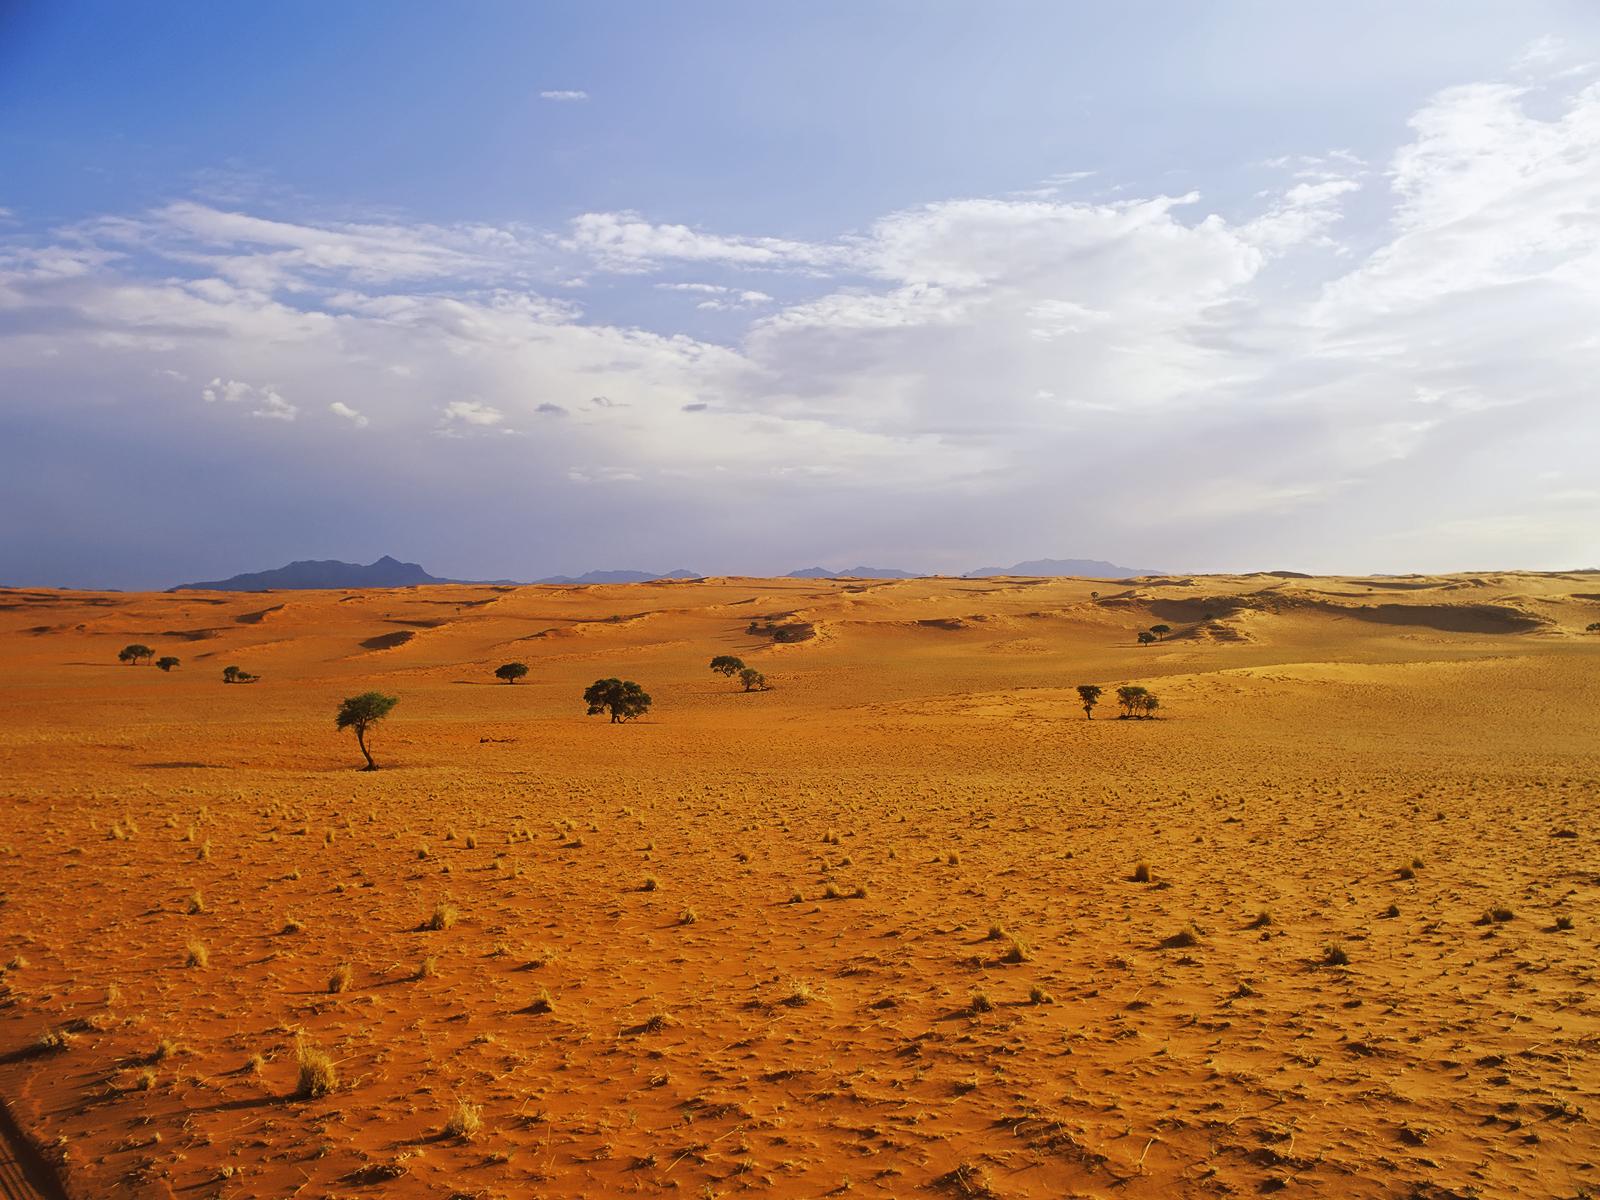 Desert landscape wallpaper wallpapersafari for Desert landscape